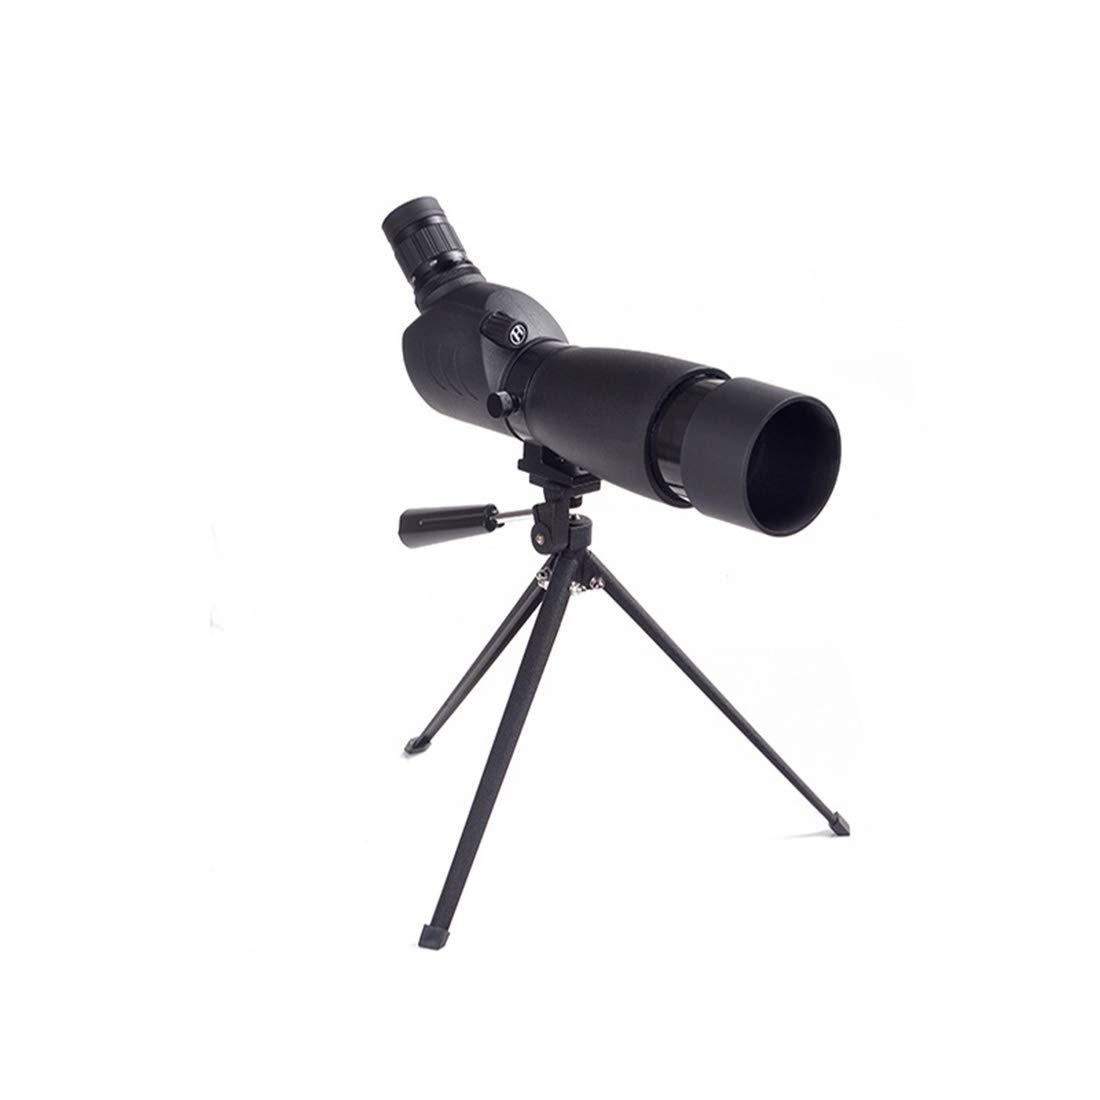 史上一番安い JPAKIOS 屋外用の単眼望遠鏡ズーム低輝度ナイトビジョンポータブルバードミラー (Color : JPAKIOS ブラック) ブラック (Color ブラック B07PLQJRG6, ノオガタシ:88e10a0c --- irlandskayaliteratura.org